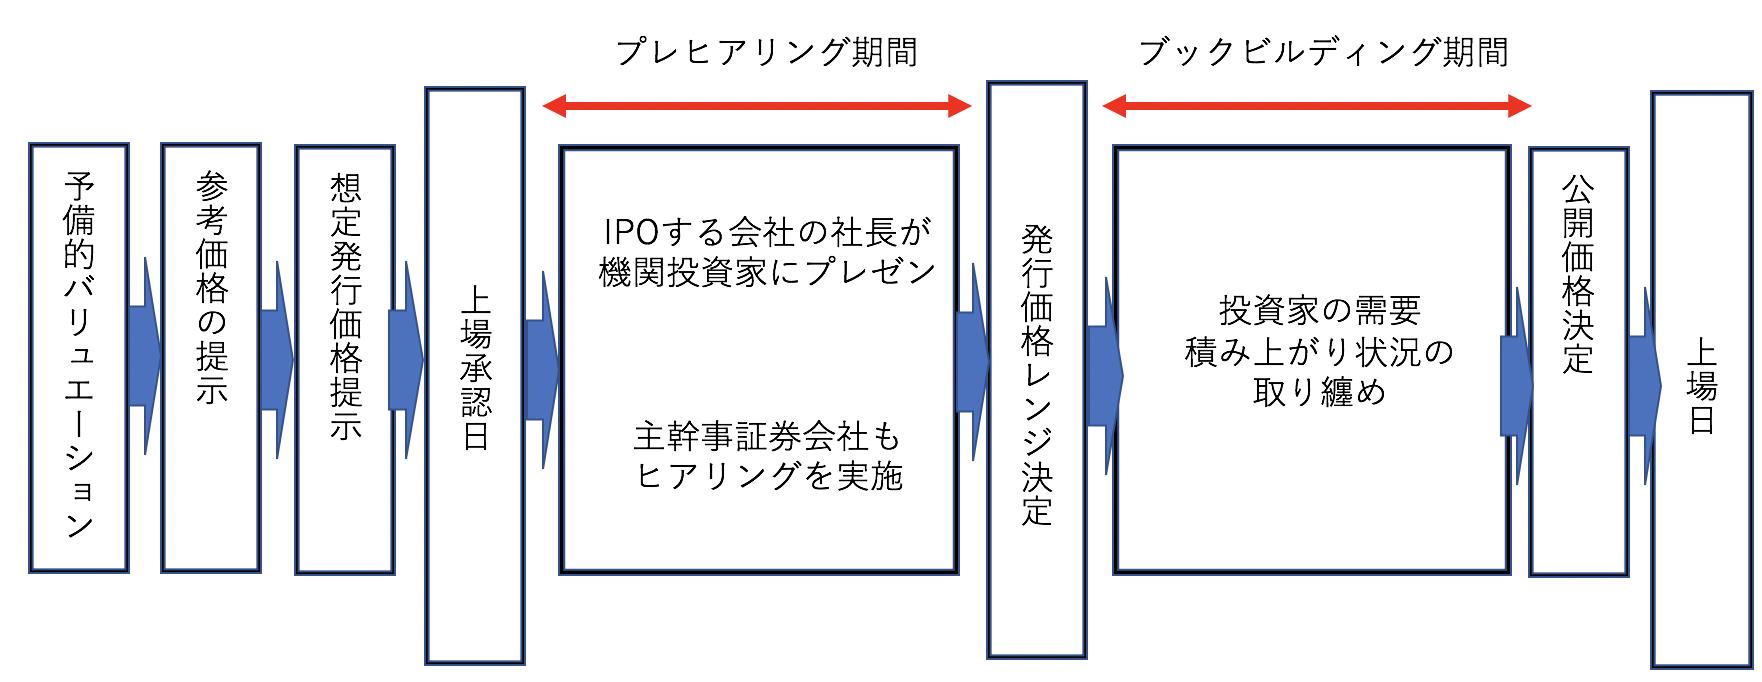 IPO投資のスケジュール